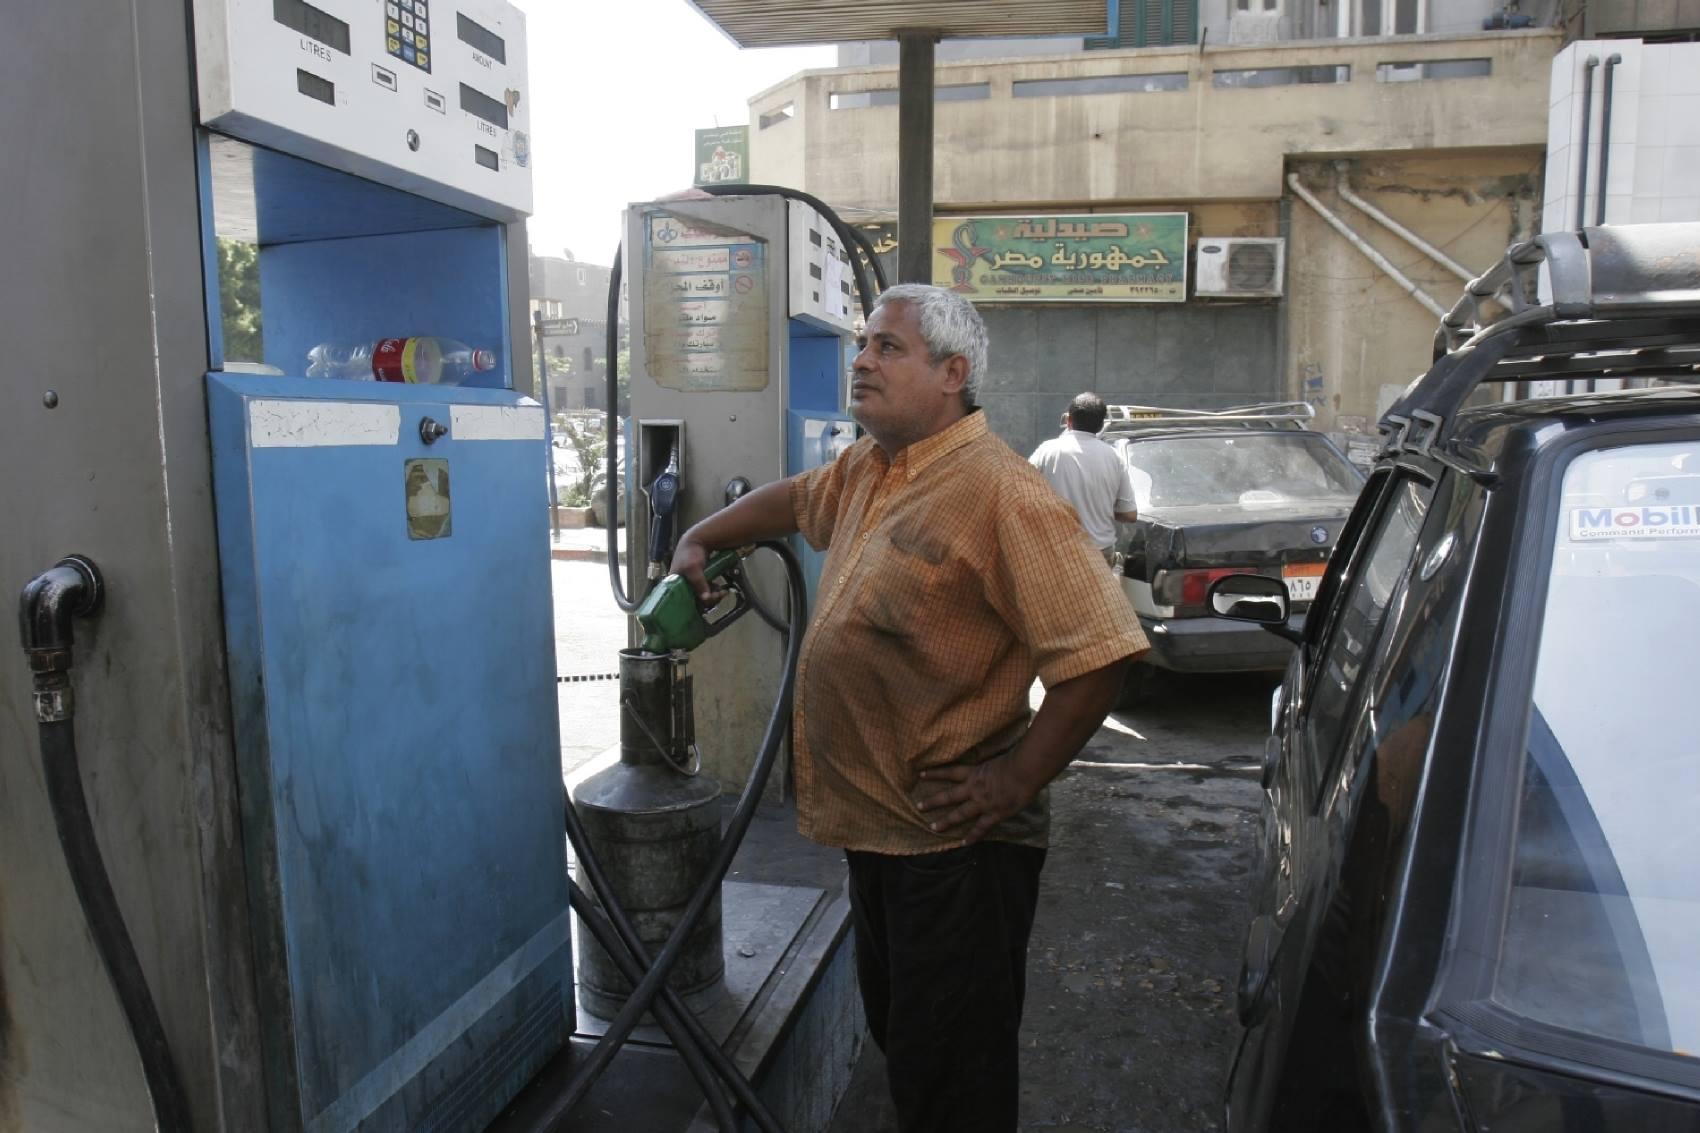 صورة مصر ترفع أسعار الوقود مجددًا لتصل الزيادة إلى 650% منذ تولي السيسي.. تعرّف على الأسعار!